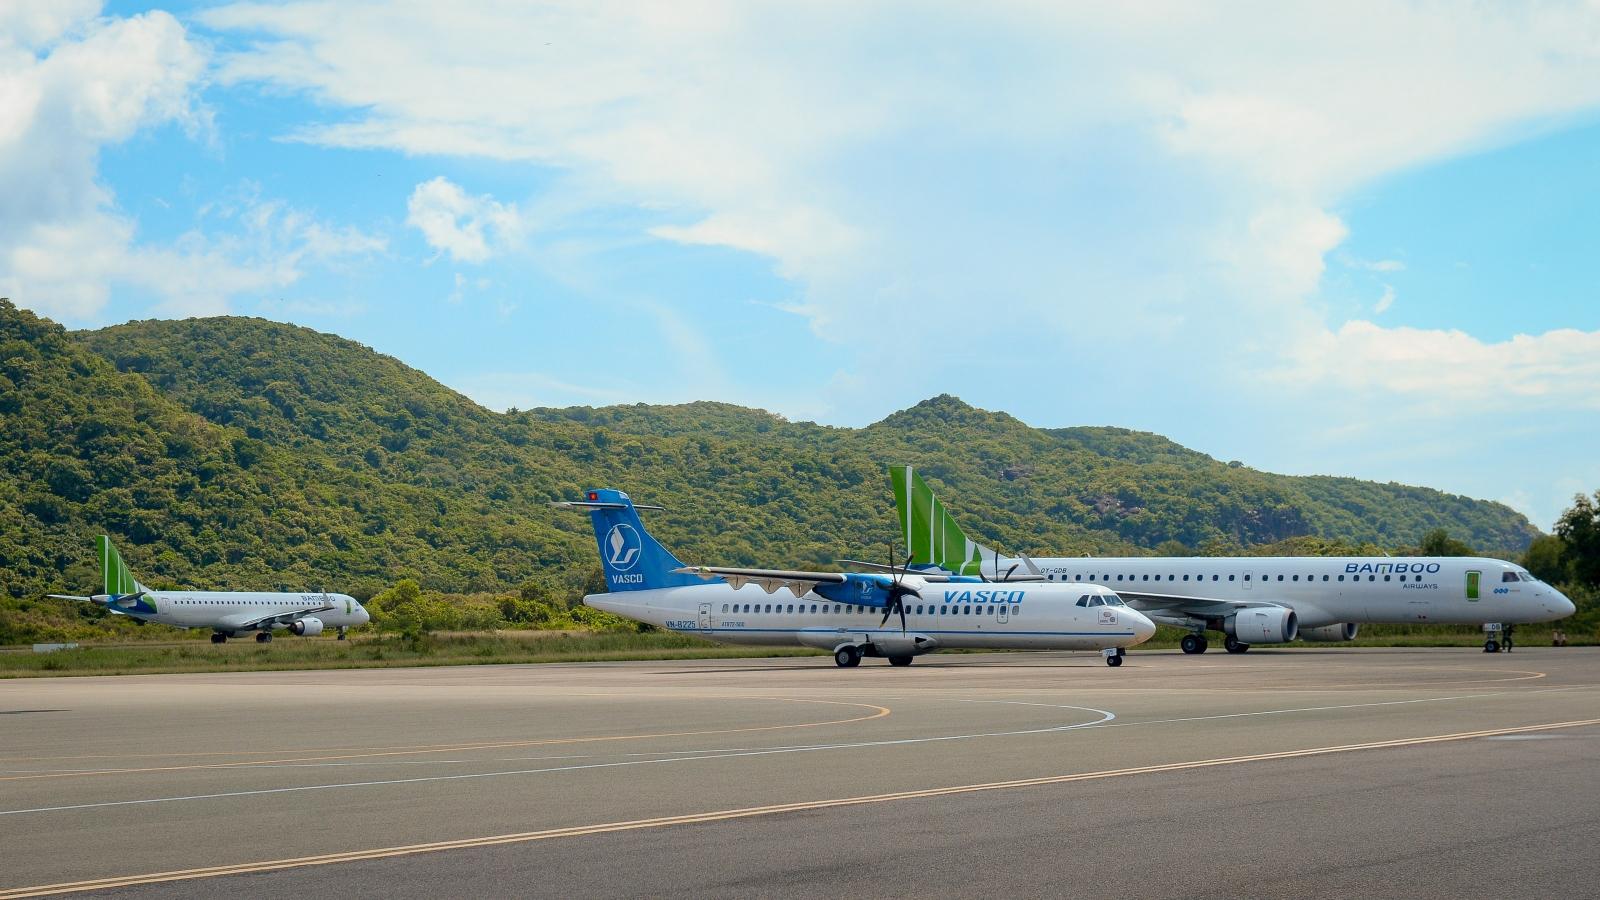 FLC và ông Trịnh Văn Quyết vẫn là 2 cổ đông lớn nhất của Bamboo Airways